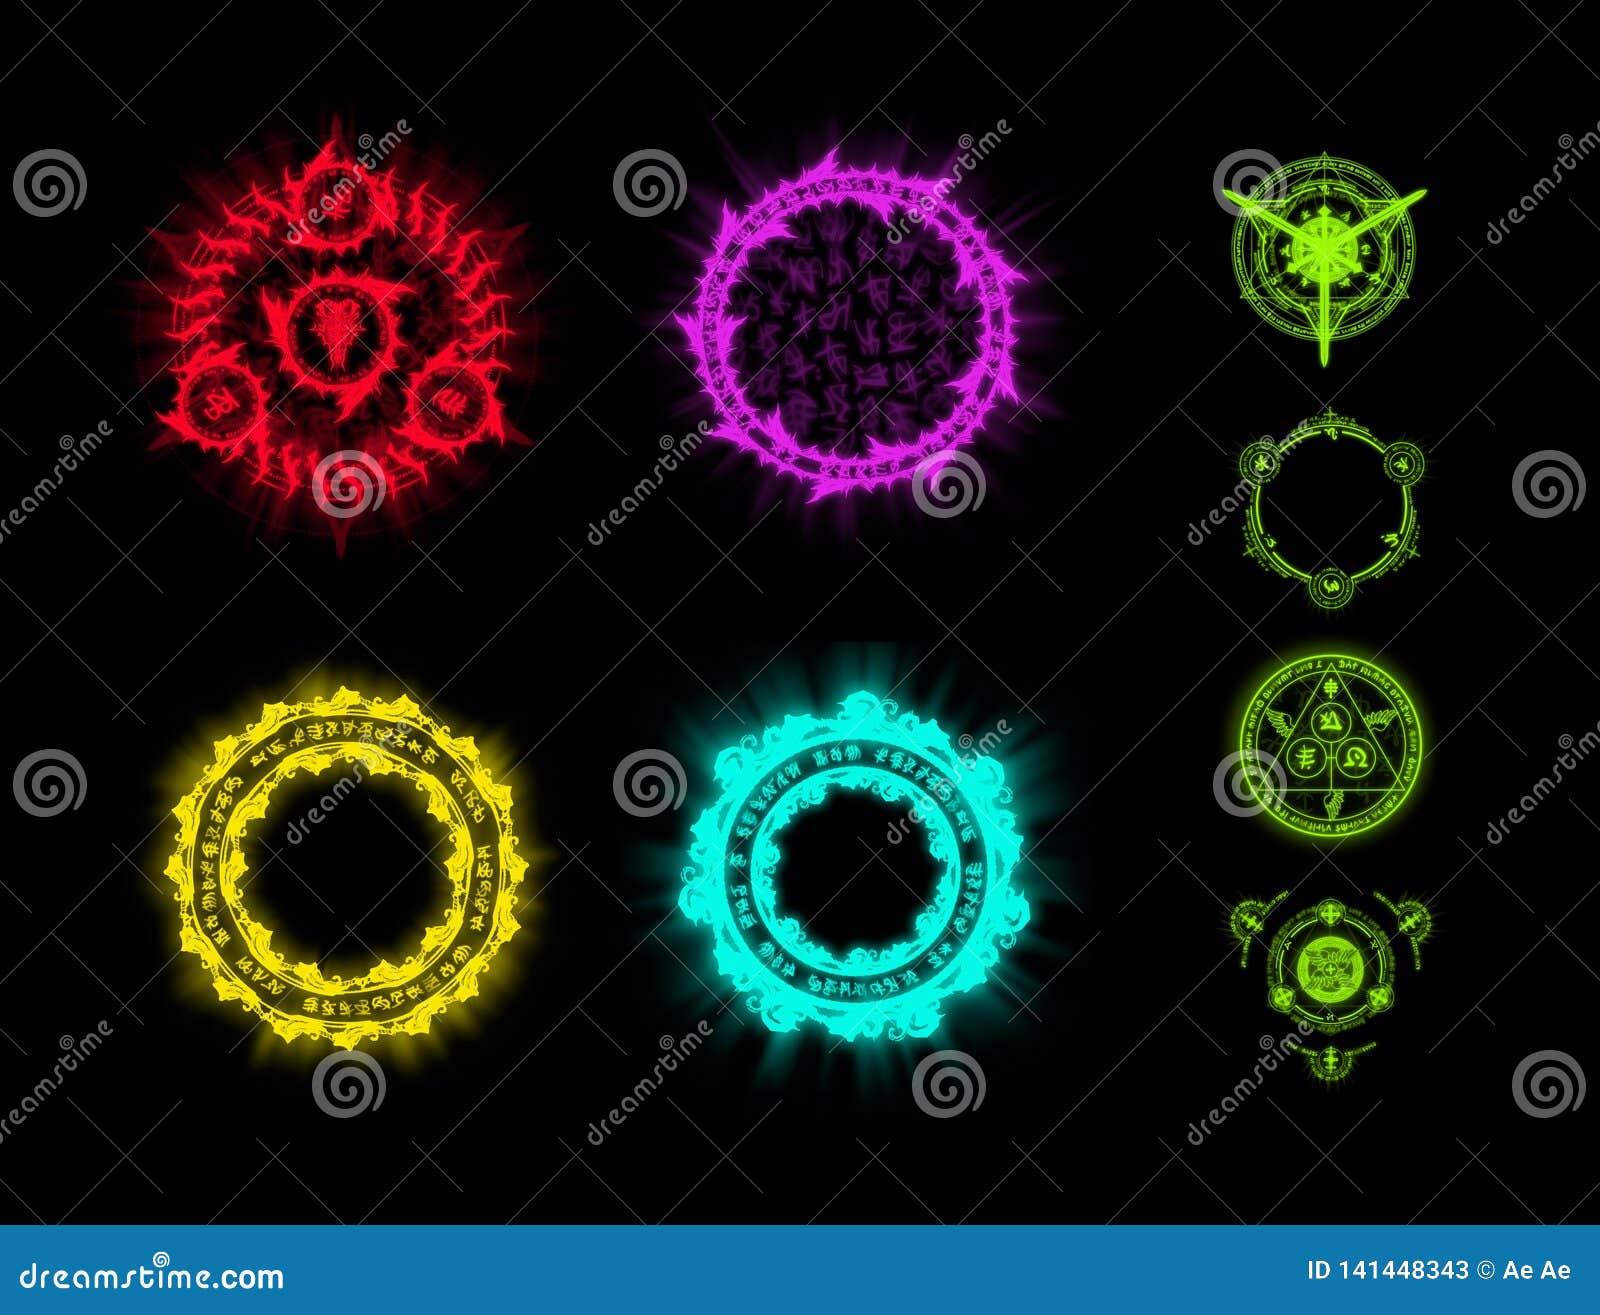 Runes i czary Umiejętności dla gry Elementy projekt dla gry Ikony rune czary na czerni izolowali tło